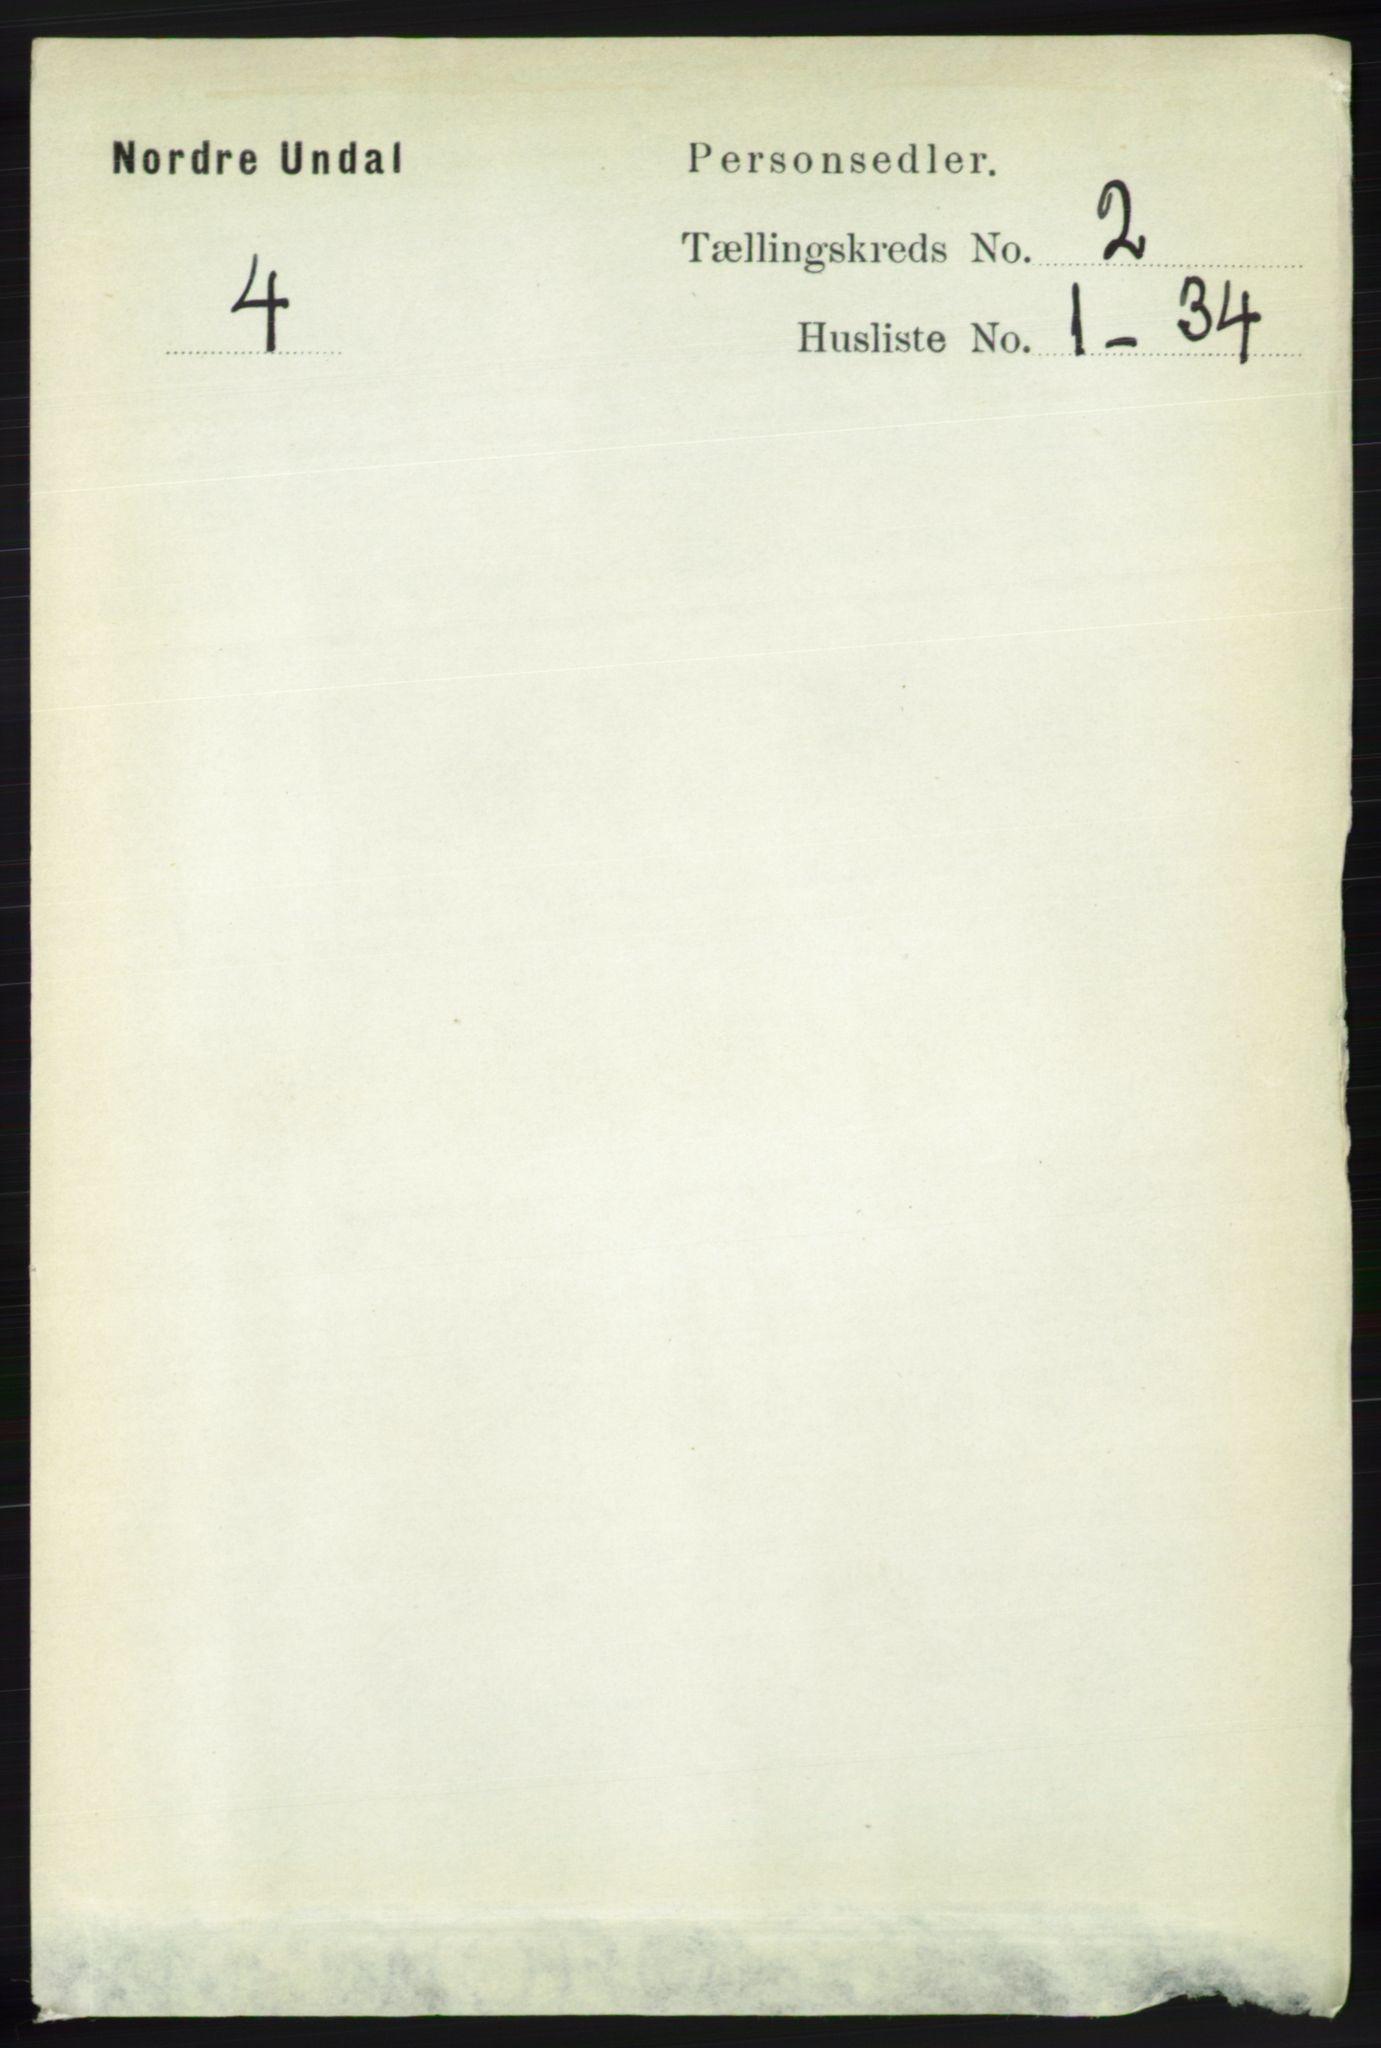 RA, Folketelling 1891 for 1028 Nord-Audnedal herred, 1891, s. 354